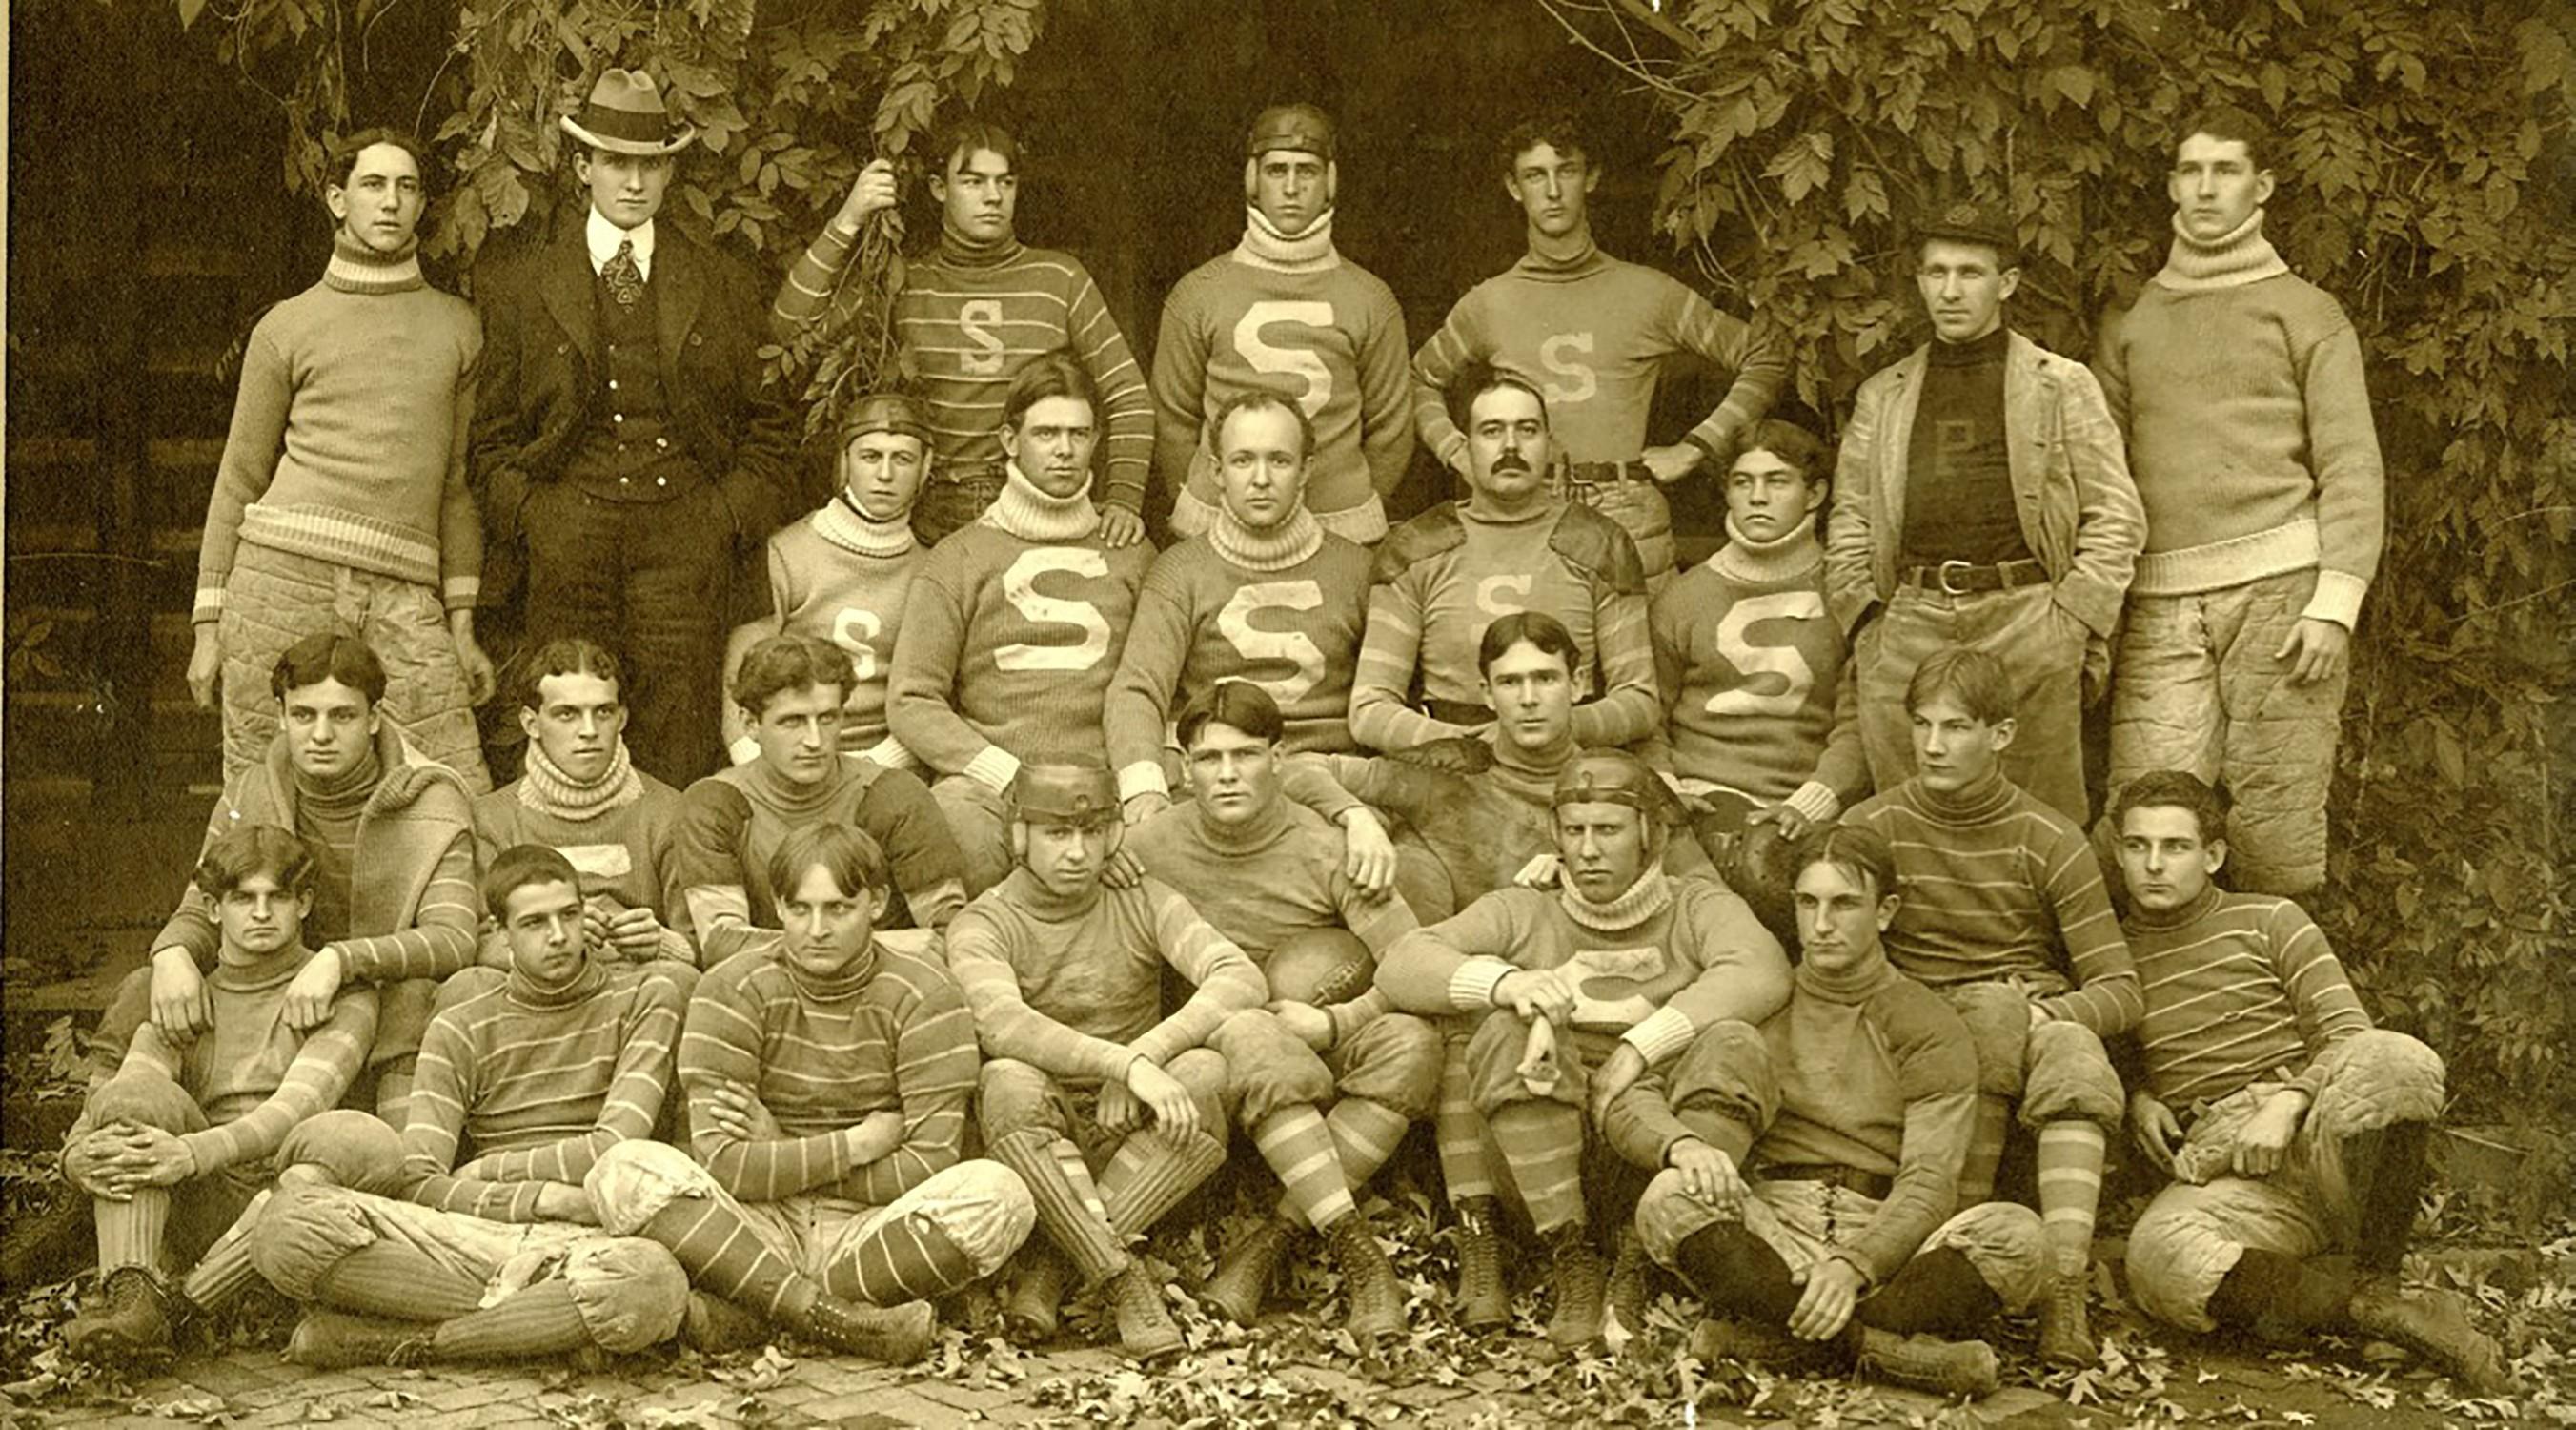 The Sewanee football team of 1899.